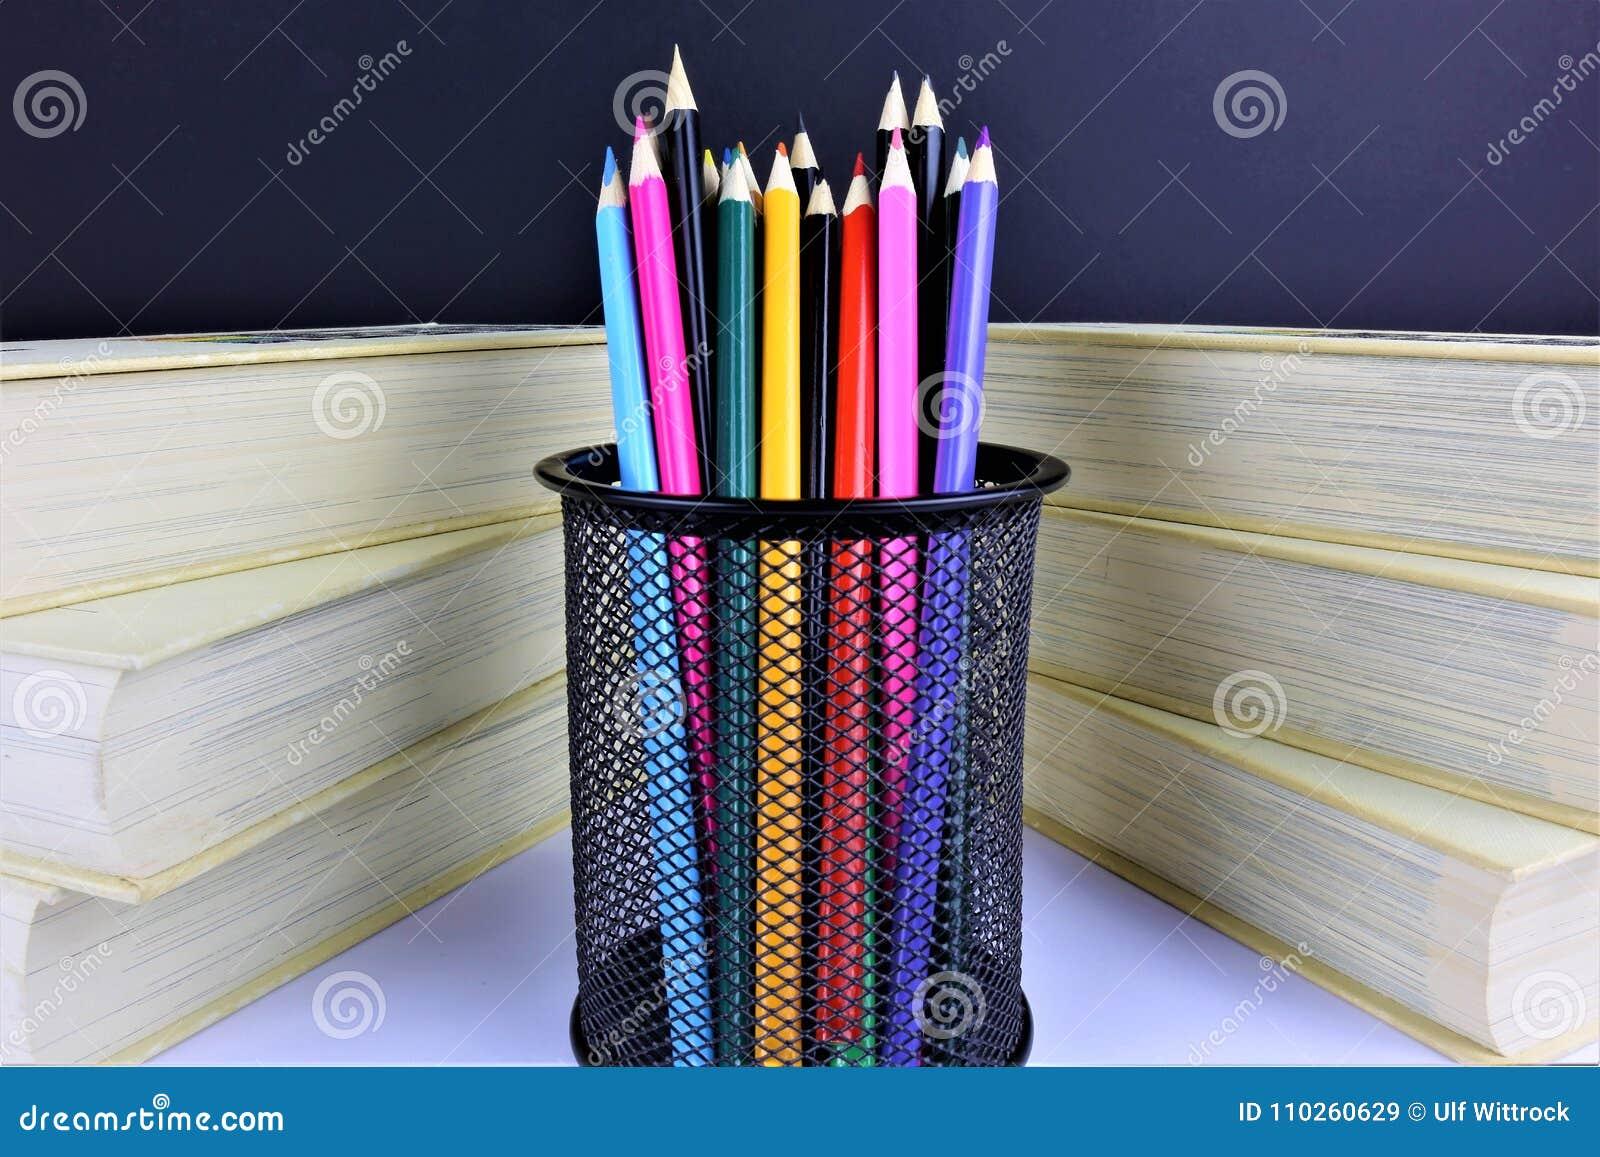 Μια εικόνα έννοιας μερικών ζωηρόχρωμων μολυβιών με μερικά βιβλία